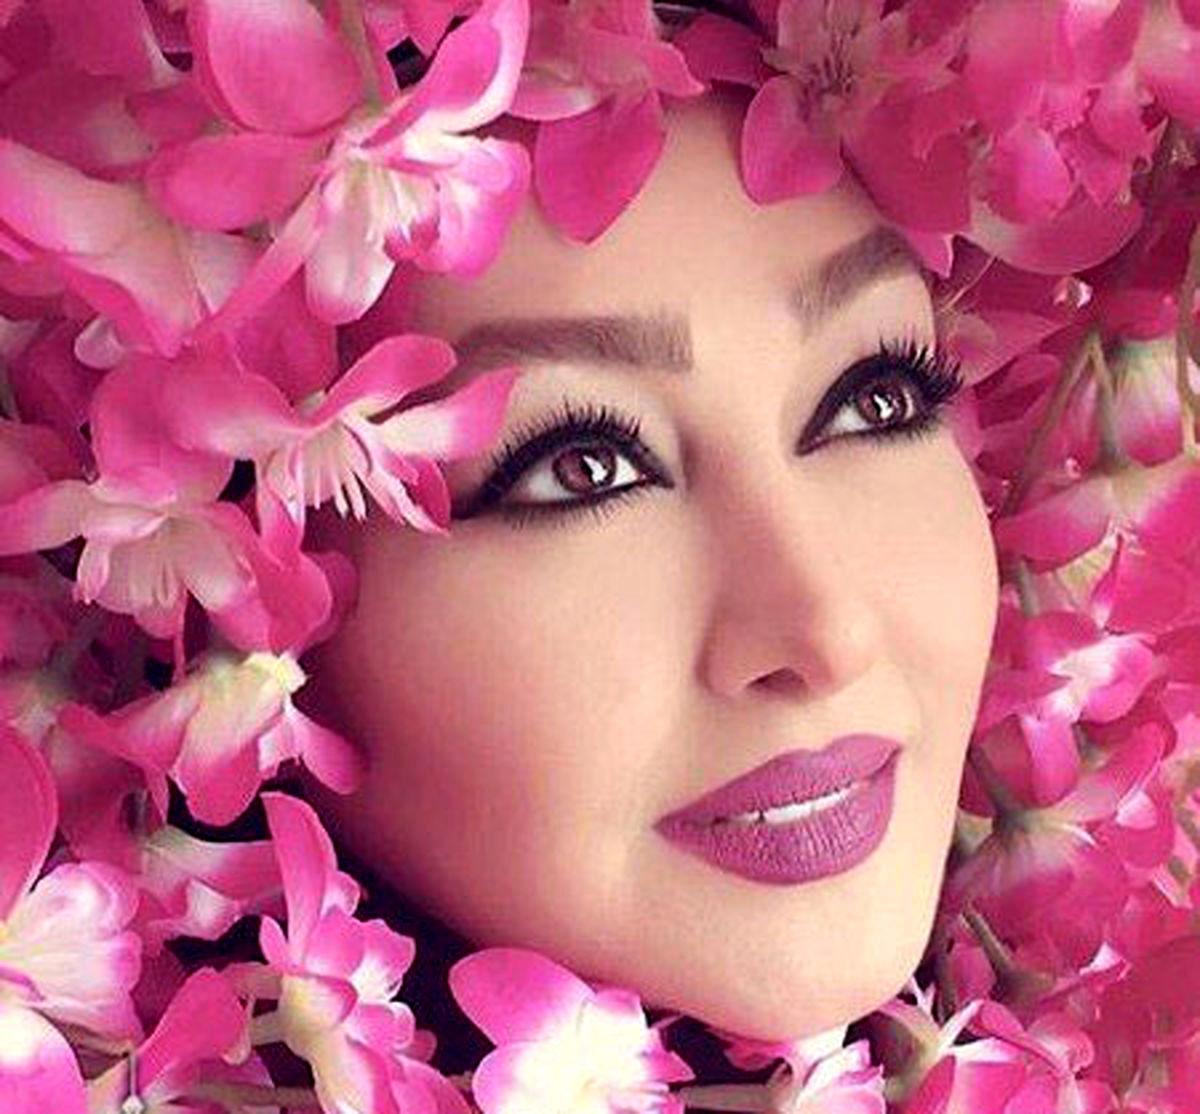 خودستایی الهام حمیدی در شبکه های اجتماعی جنجال به پا کرد + فیلم